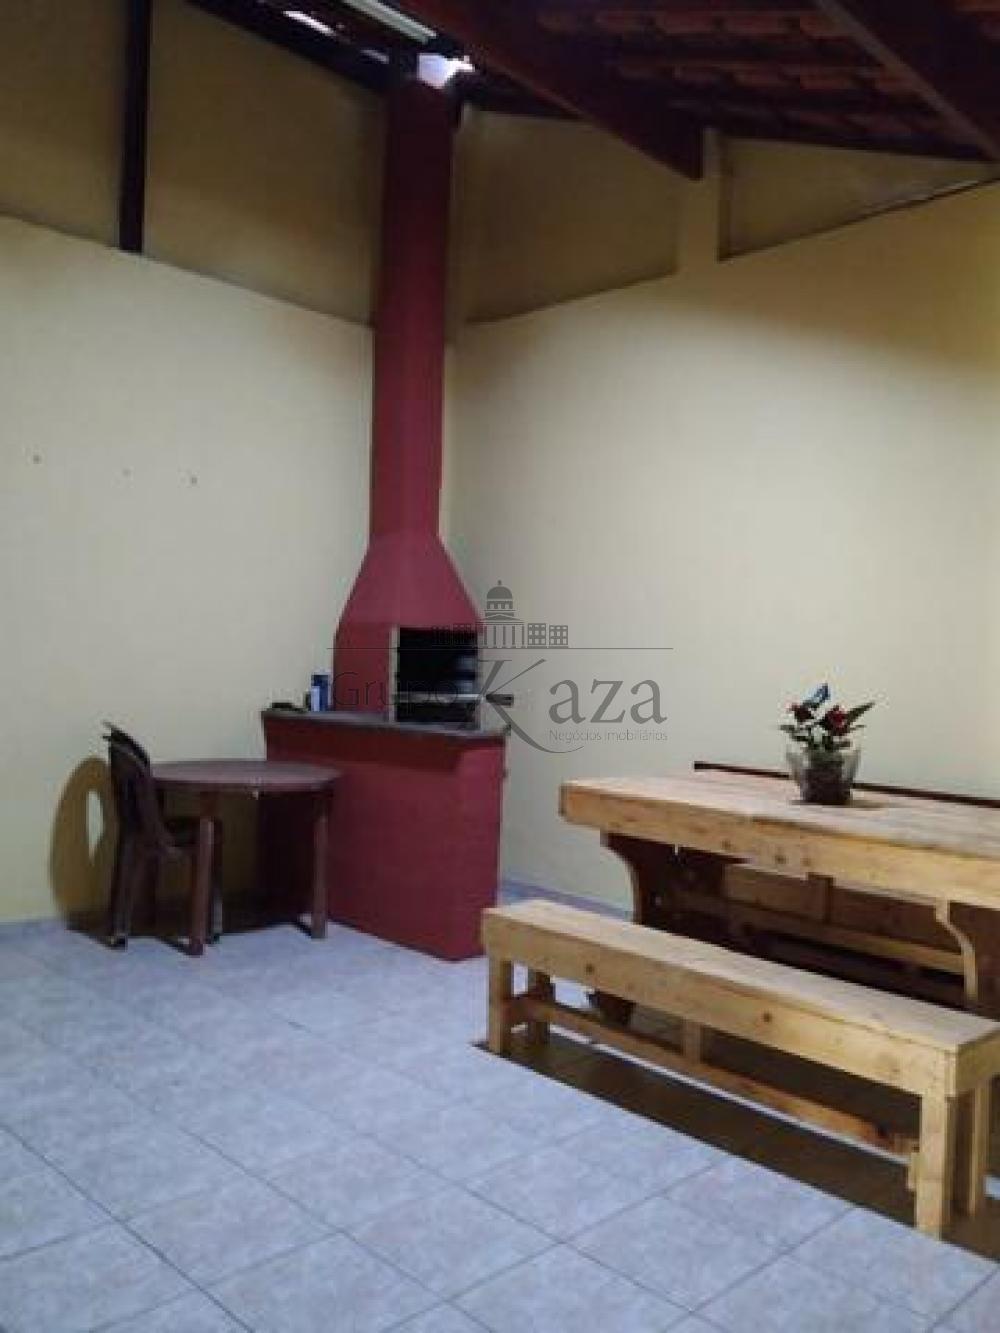 Comprar Casa / Sobrado em São José dos Campos apenas R$ 365.000,00 - Foto 13